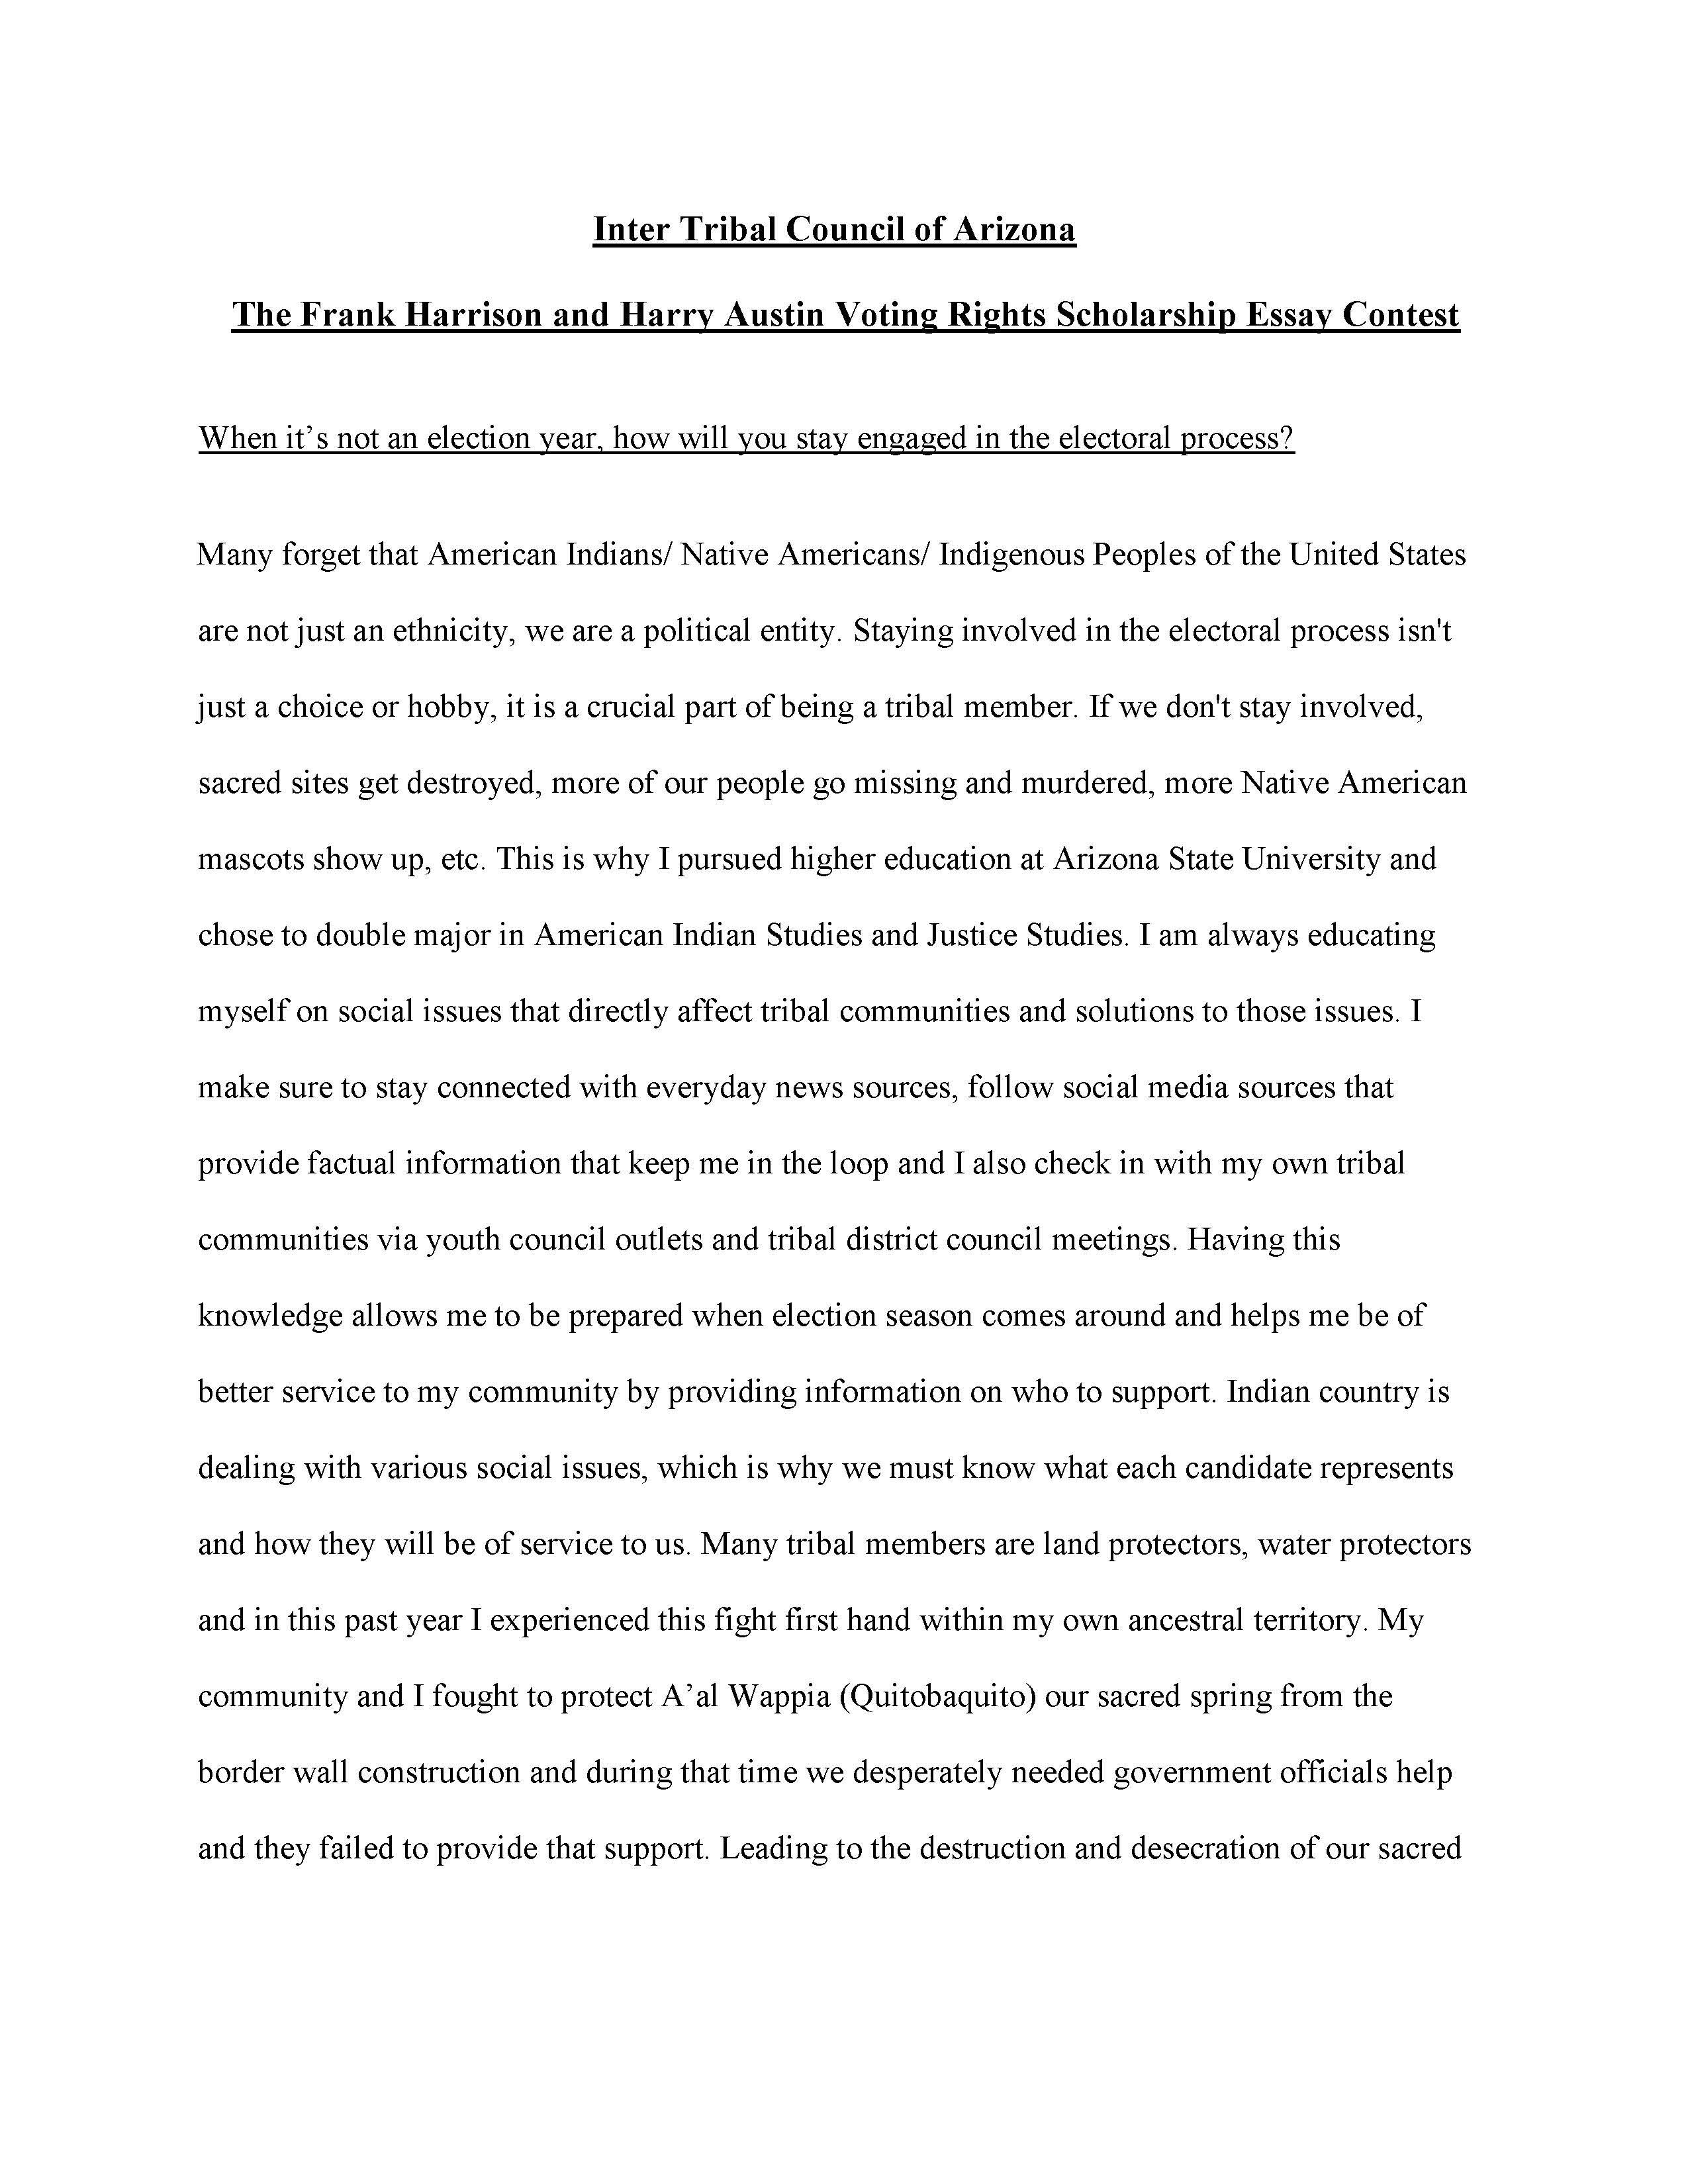 Lourdes Pereira Essay